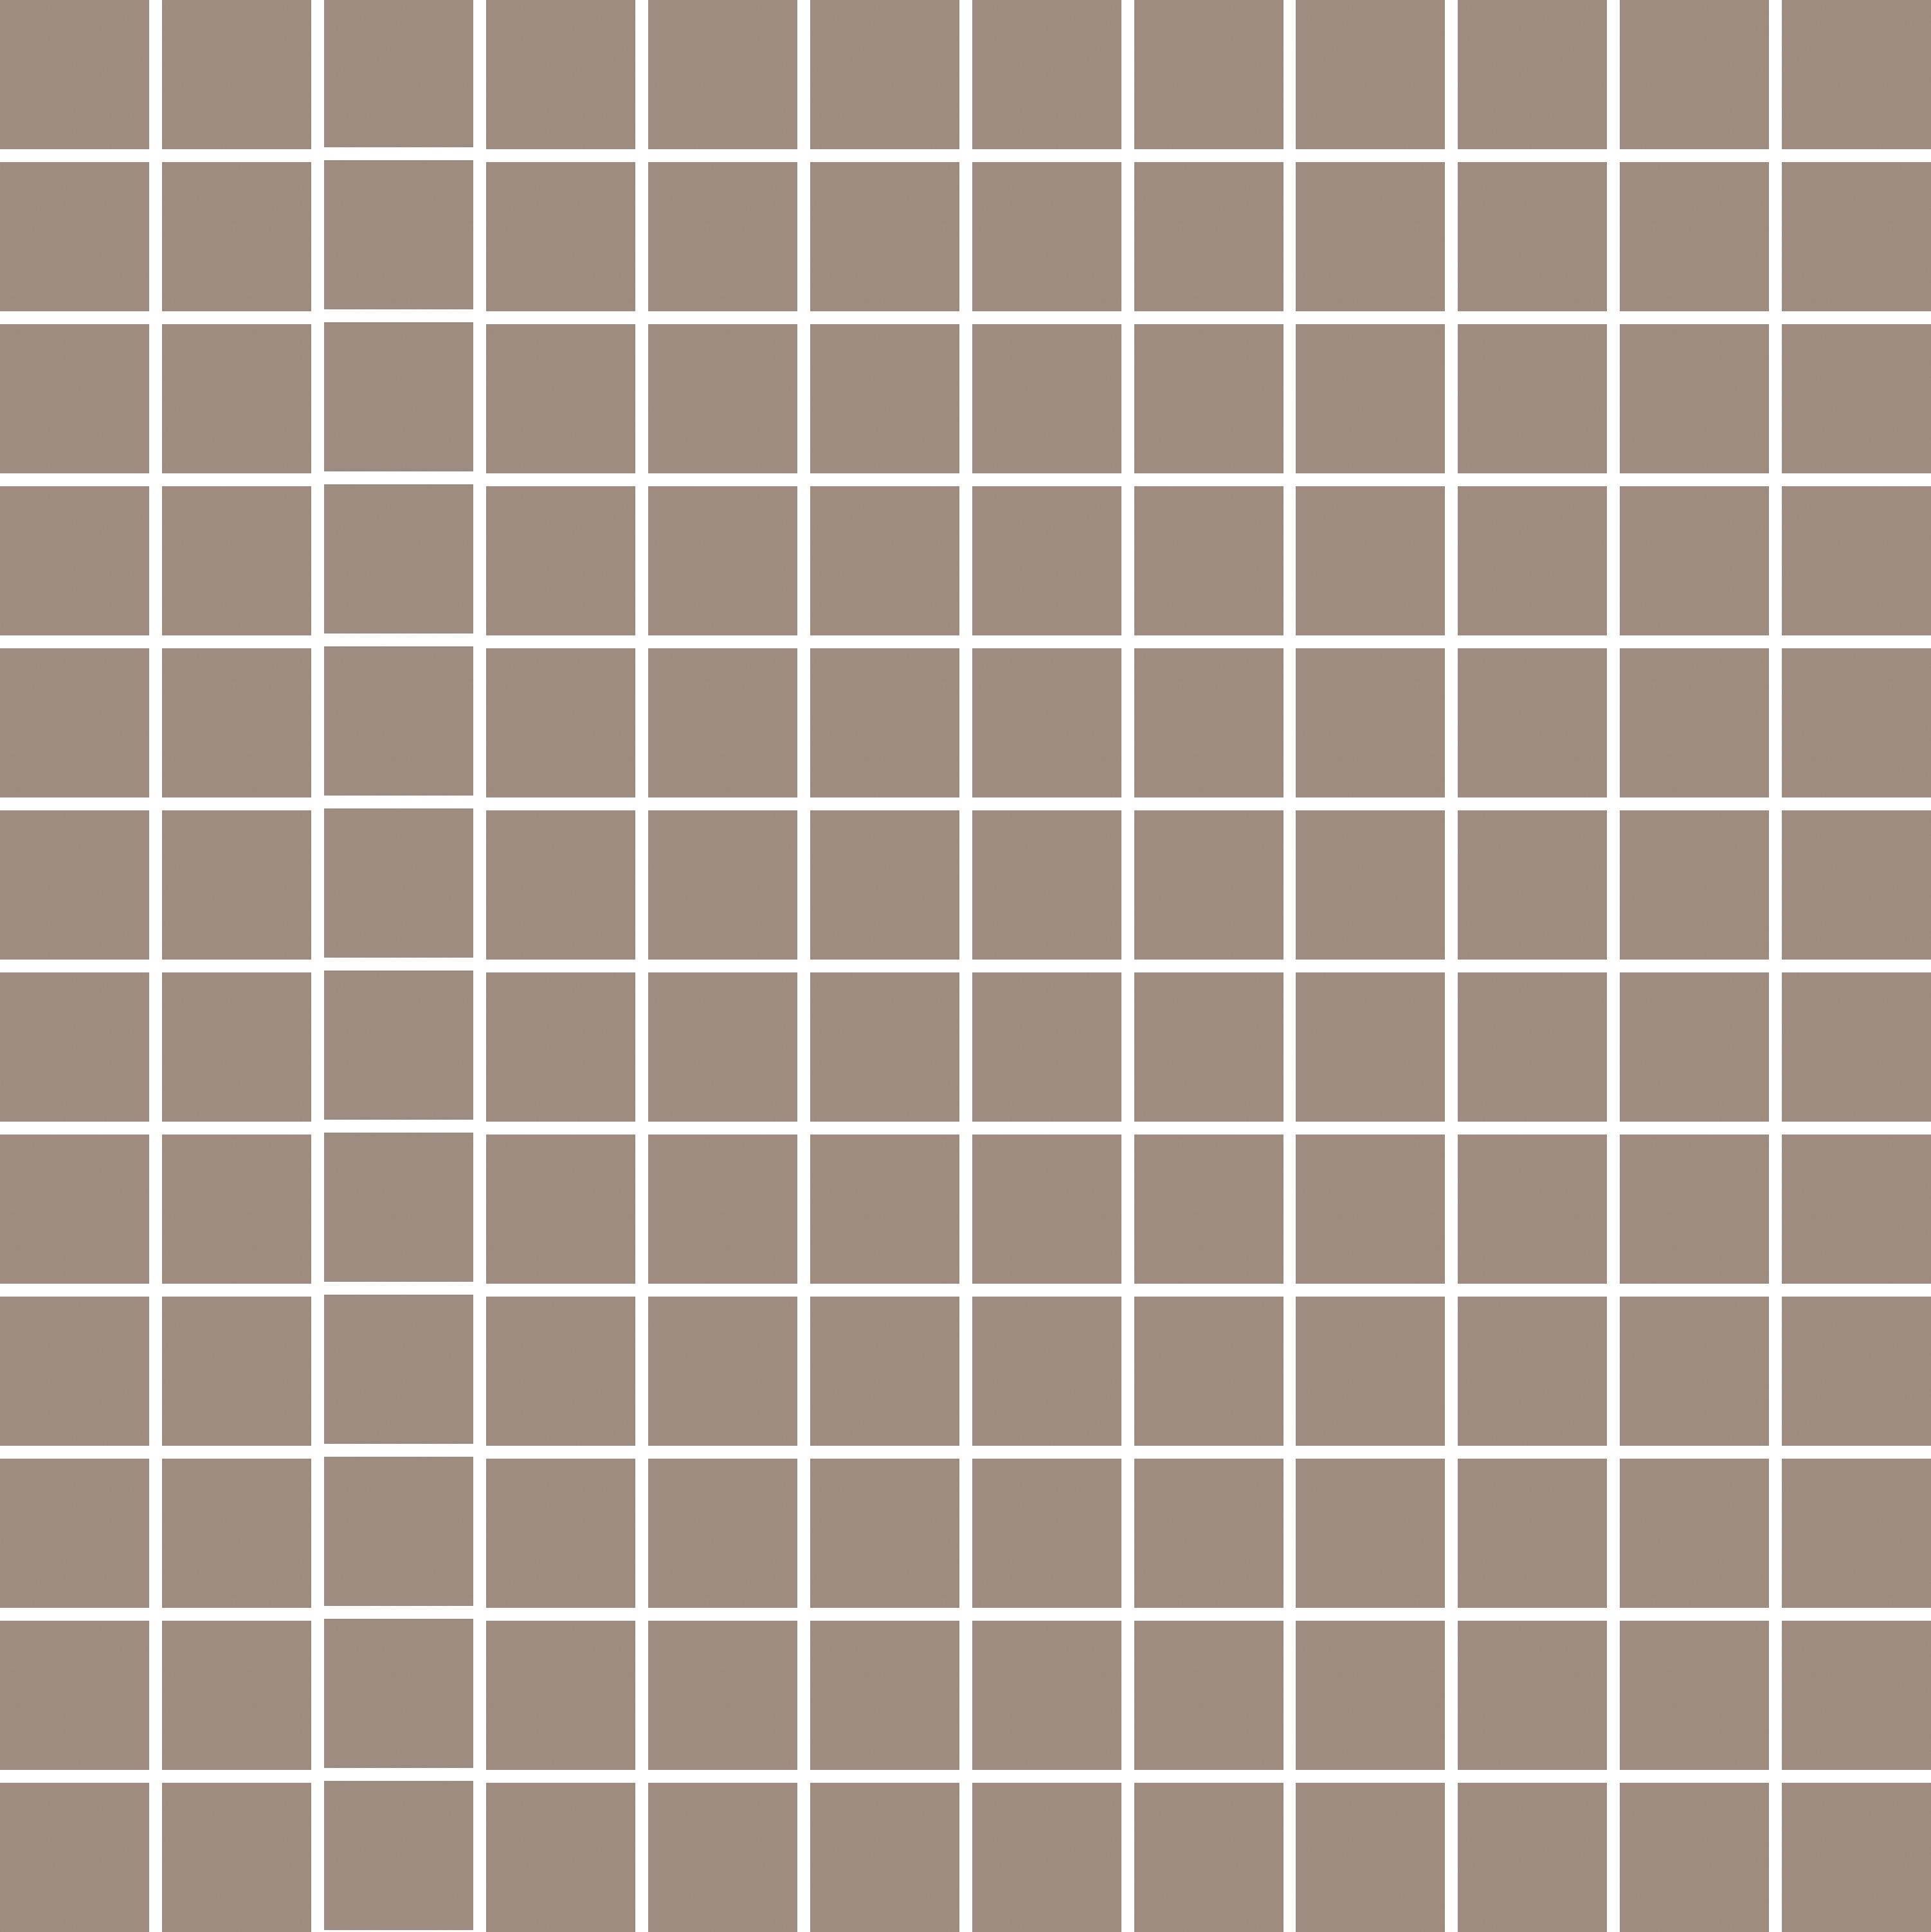 25-0341, Mosaico Porcelanico 2019, Ruskea, lattia,liukastumisenesto,mosaiikki,pakkasenkesto